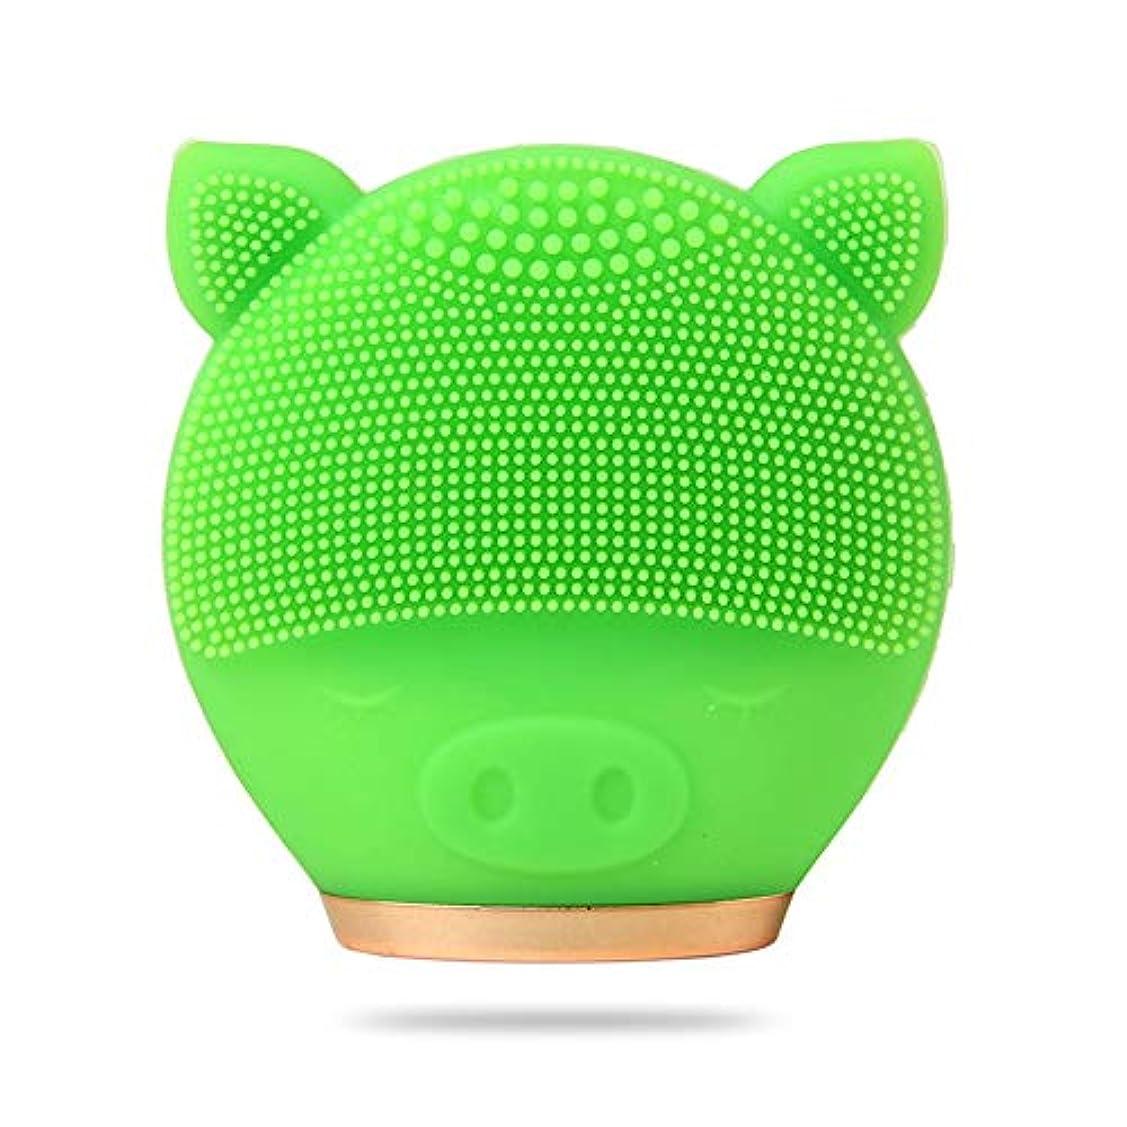 容量香りキャッシュZXF 新しい豚モデル電気クレンジング楽器シリコーン超音波振動洗浄顔顔毛穴クリーナー美容器具 滑らかである (色 : Green)